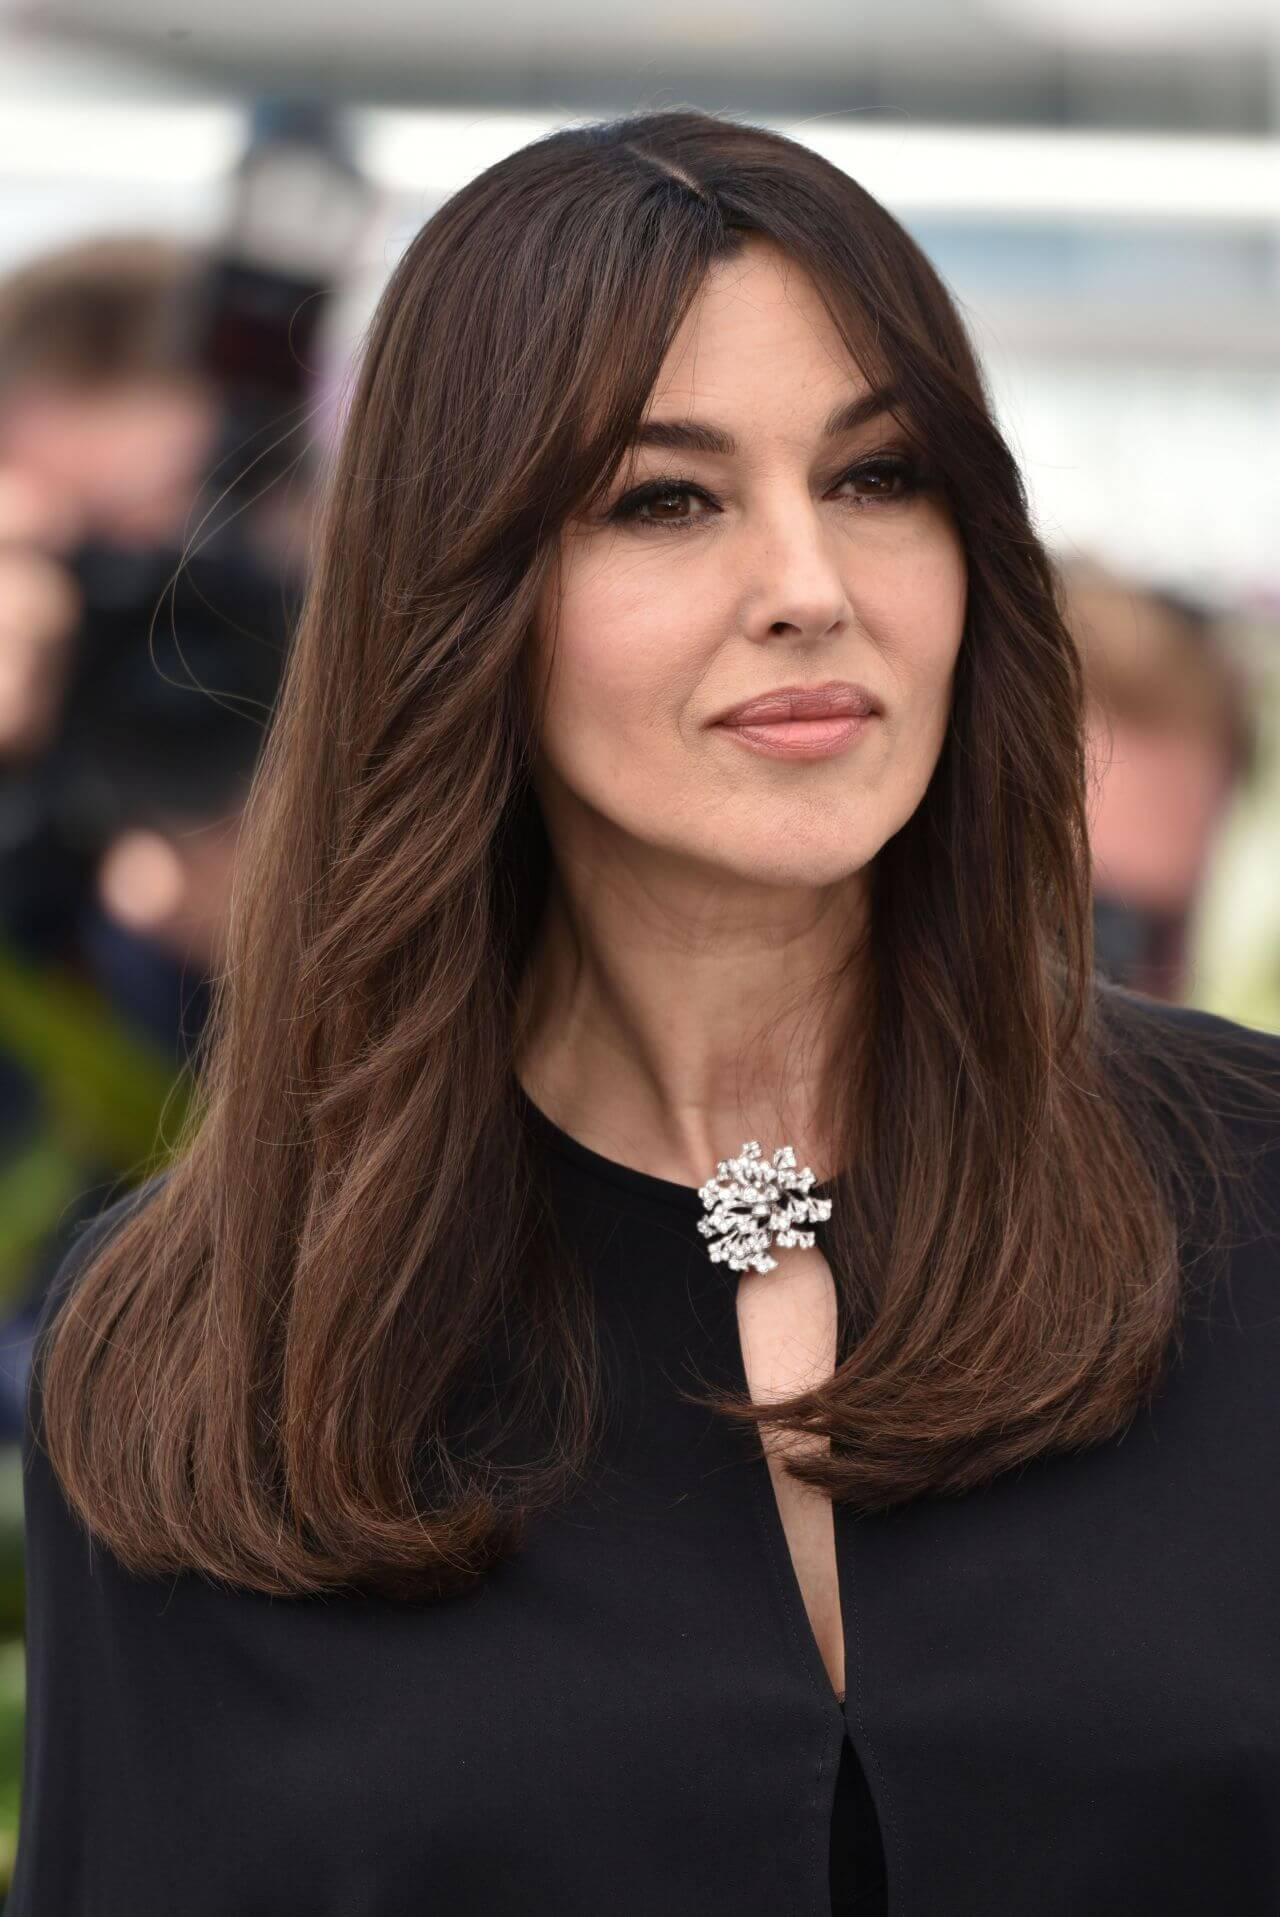 волнистые причёски для женщин после 50 фото 12